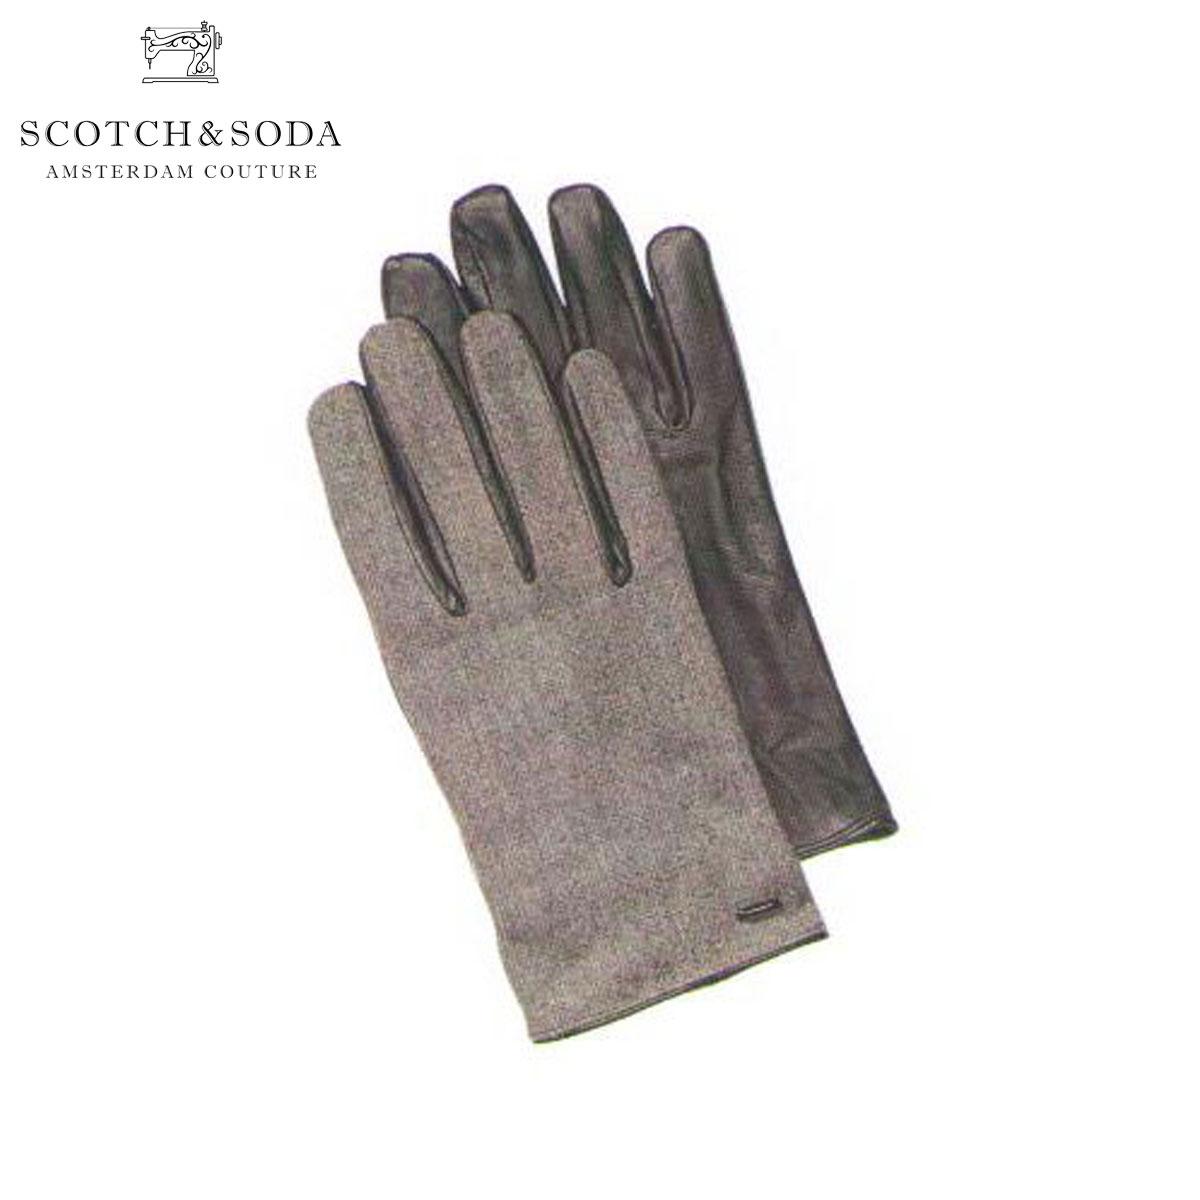 【販売期間 8/10 13:00~8/16 9:59】 スコッチアンドソーダ SCOTCH&SODA 正規販売店 メンズ 手袋 Woolen gloves with leather details 79180 940